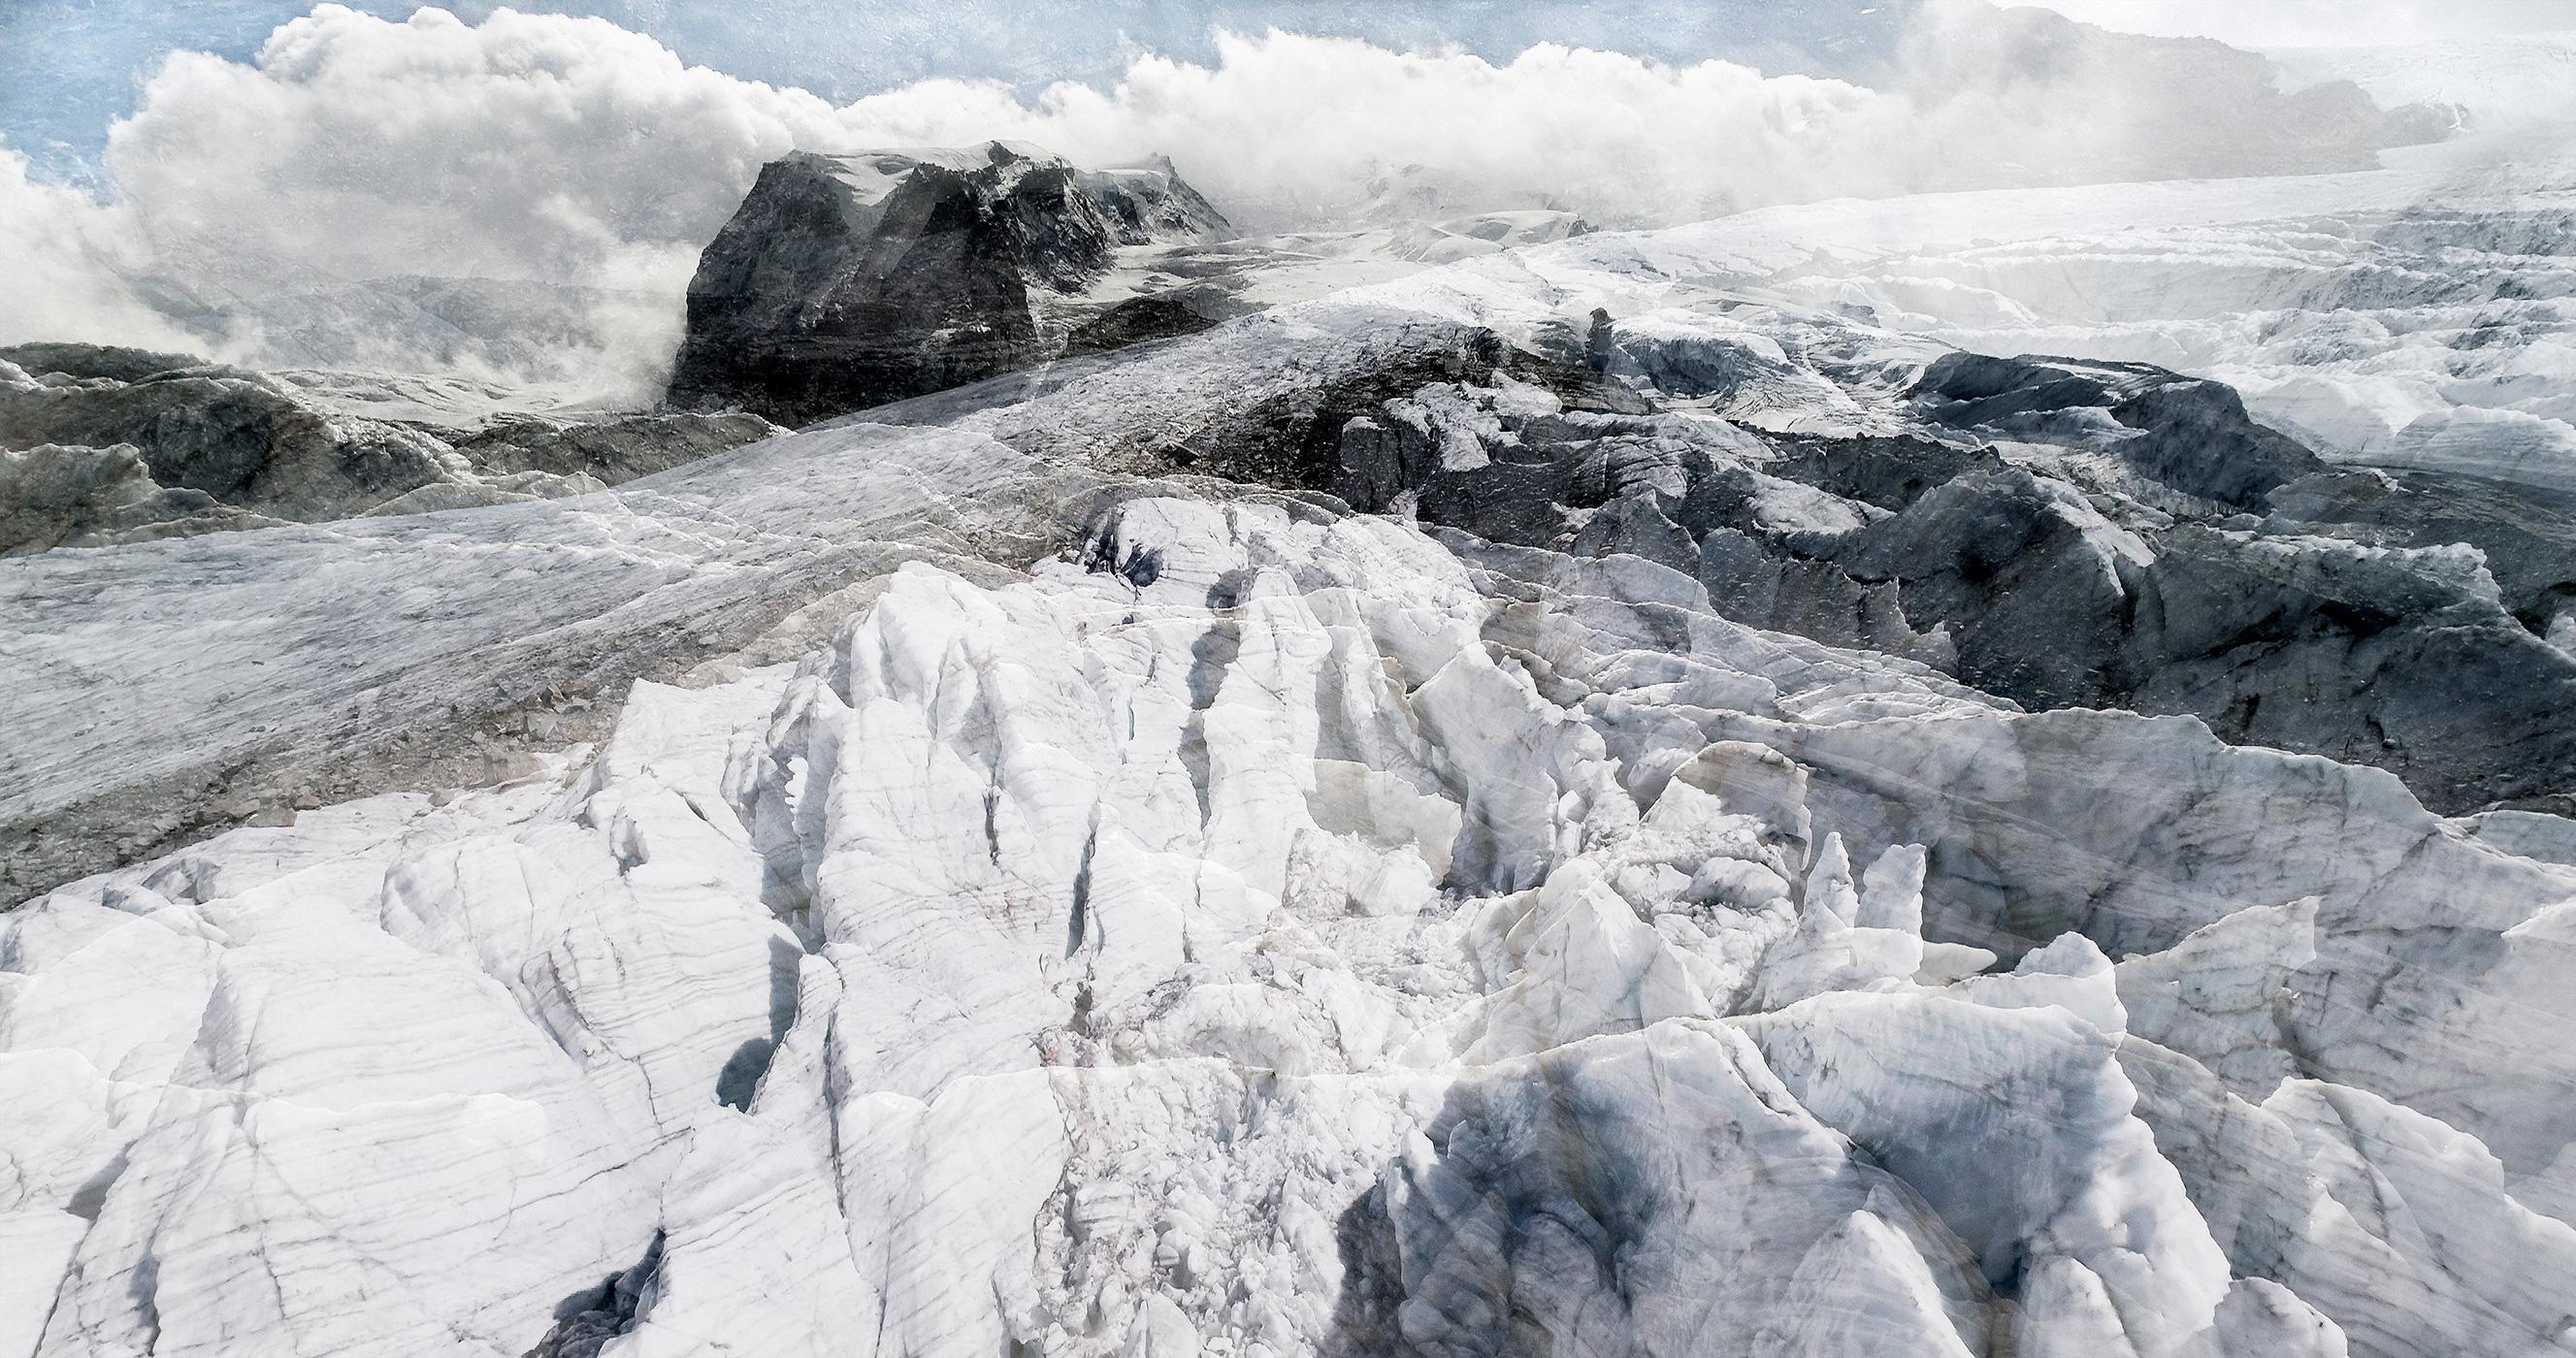 #06 Glaciers offset, 2017, photographie reconstruite à partir de bandes videos, réalisées sur le glacier Gornergletscher